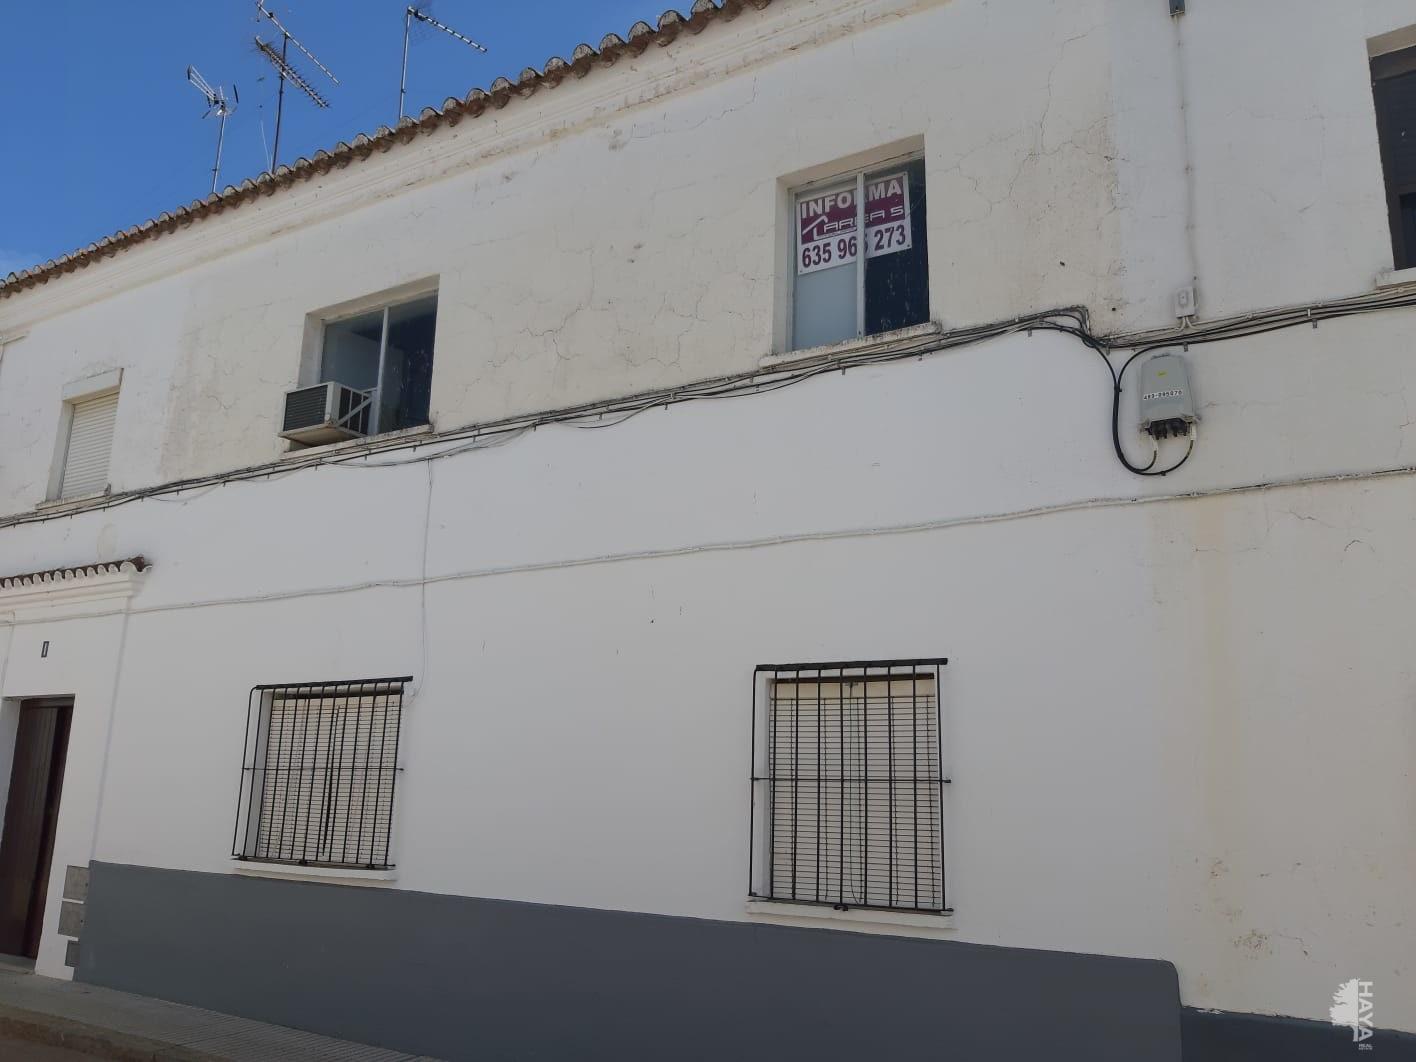 Piso en venta en Olivenza, Badajoz, Calle Maestro Guerra, 33.400 €, 3 habitaciones, 1 baño, 73 m2